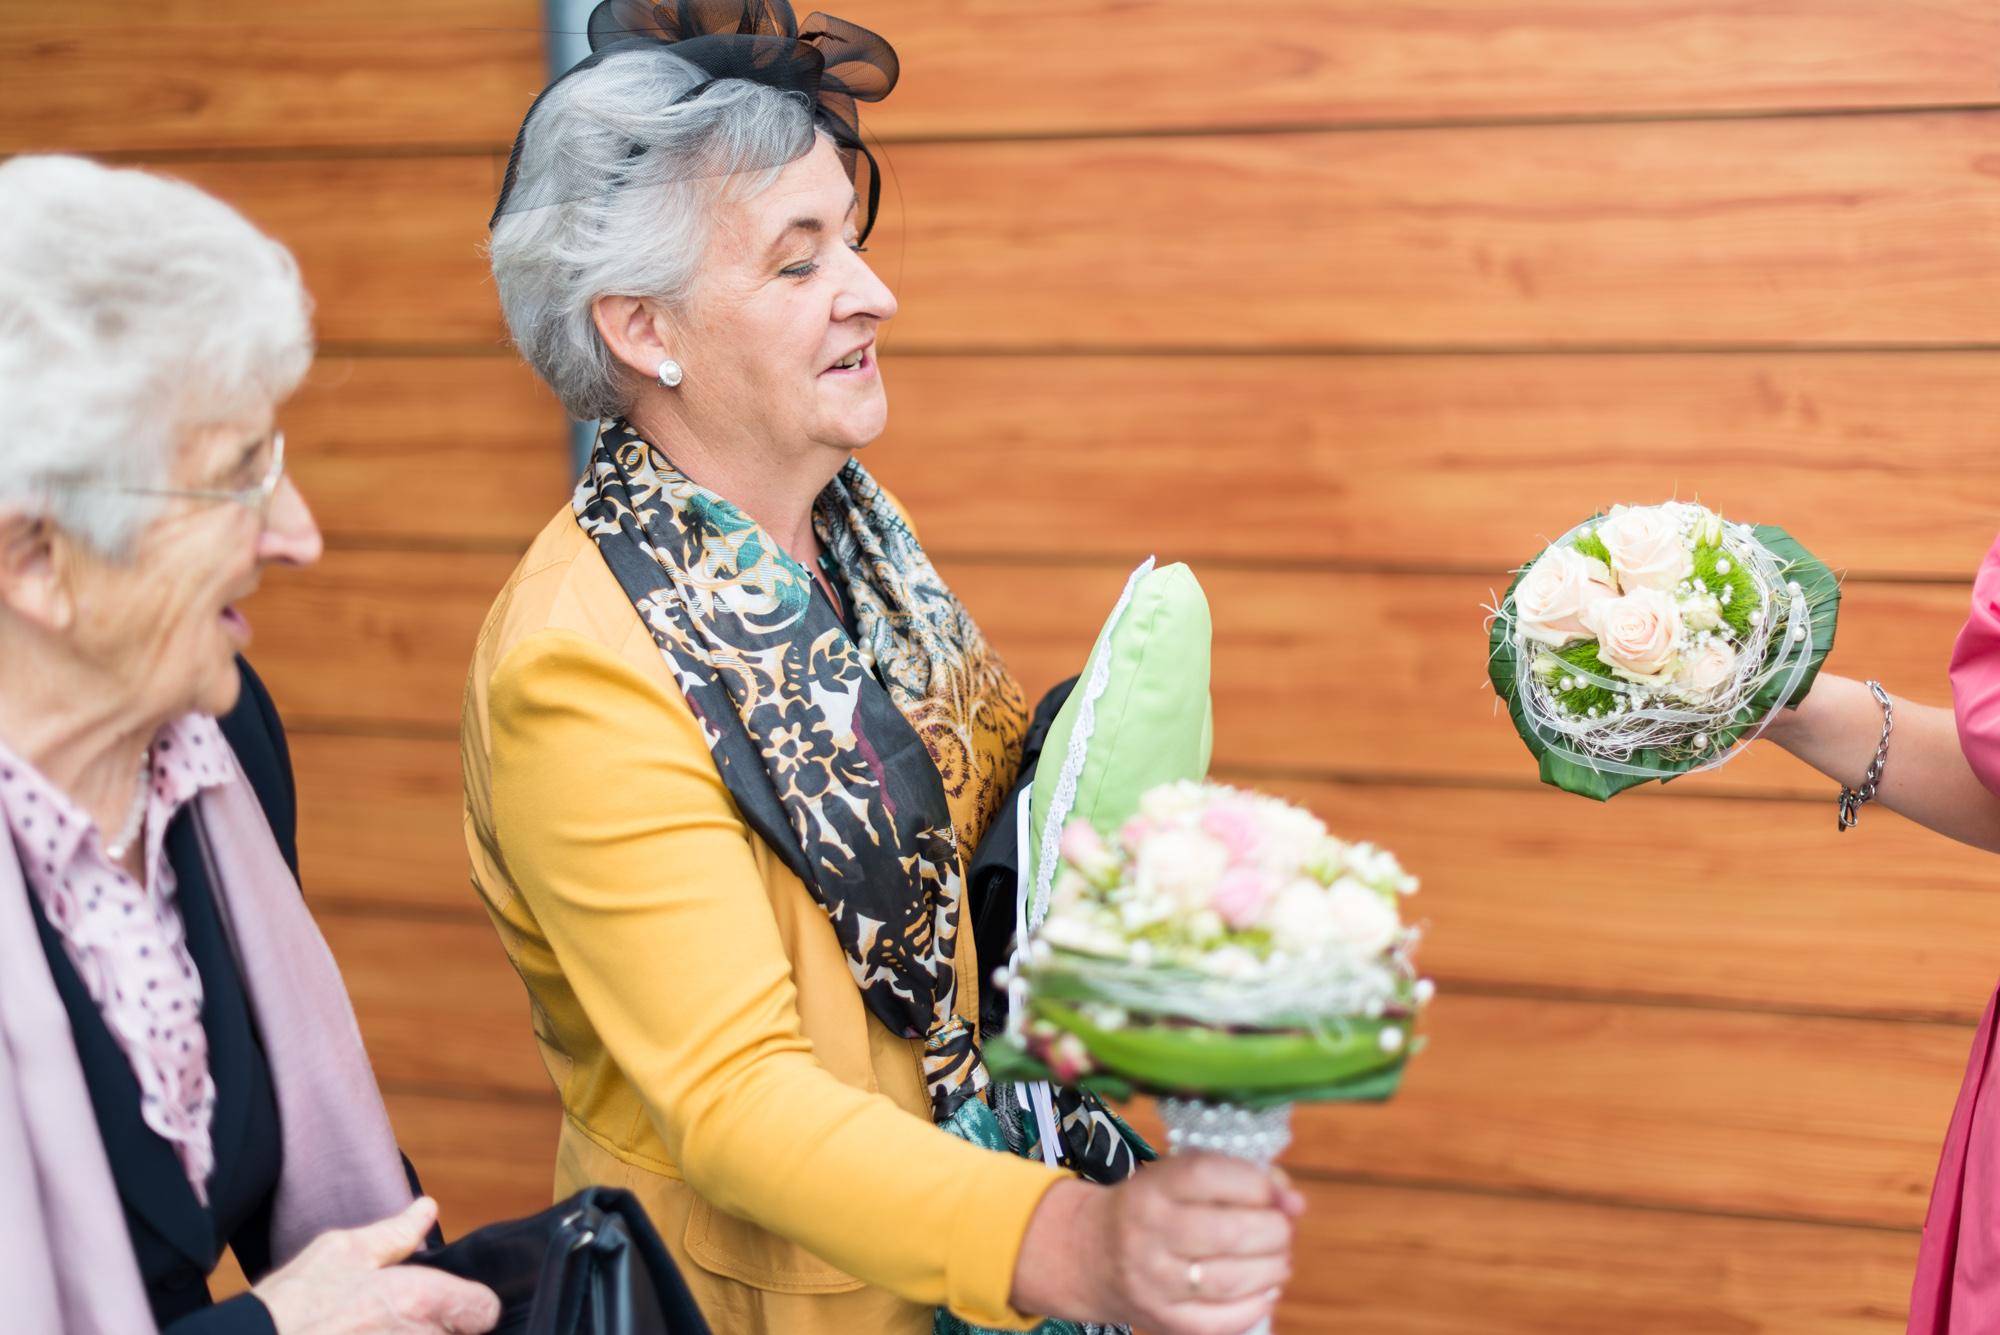 Fotograf Konstanz - Hochzeit Katja und Christian 38 - Als Hochzeitsfotograf in Bad Dürrheim unterwegs  - 16 -